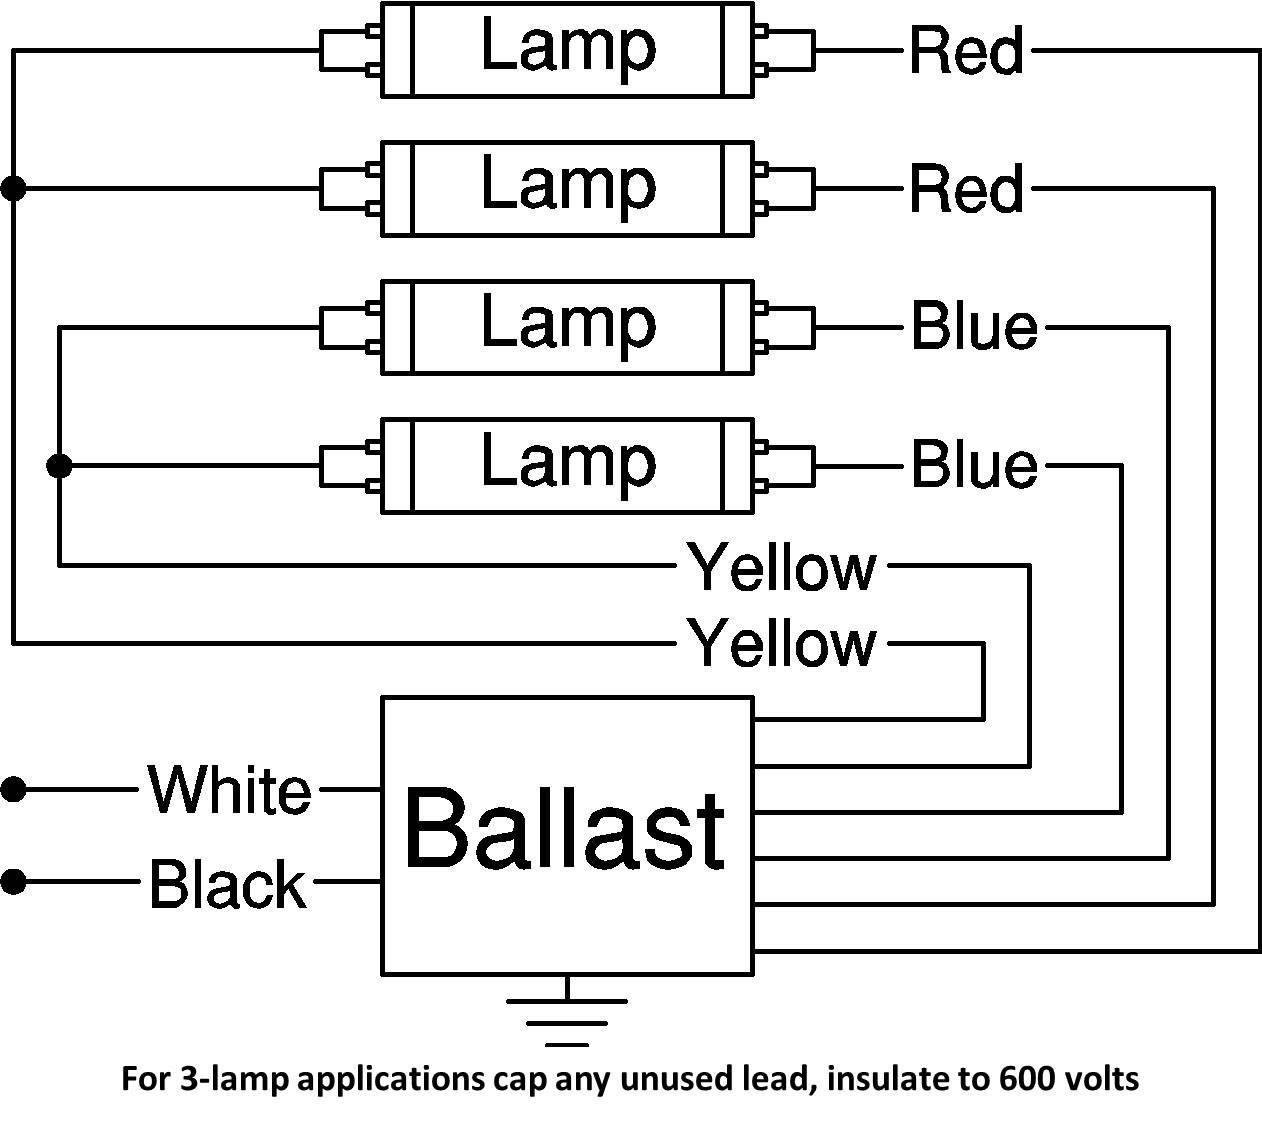 reading a 277 ballast wire diagram - 24 volt relay wiring diagram for wiring  diagram schematics  wiring diagram schematics